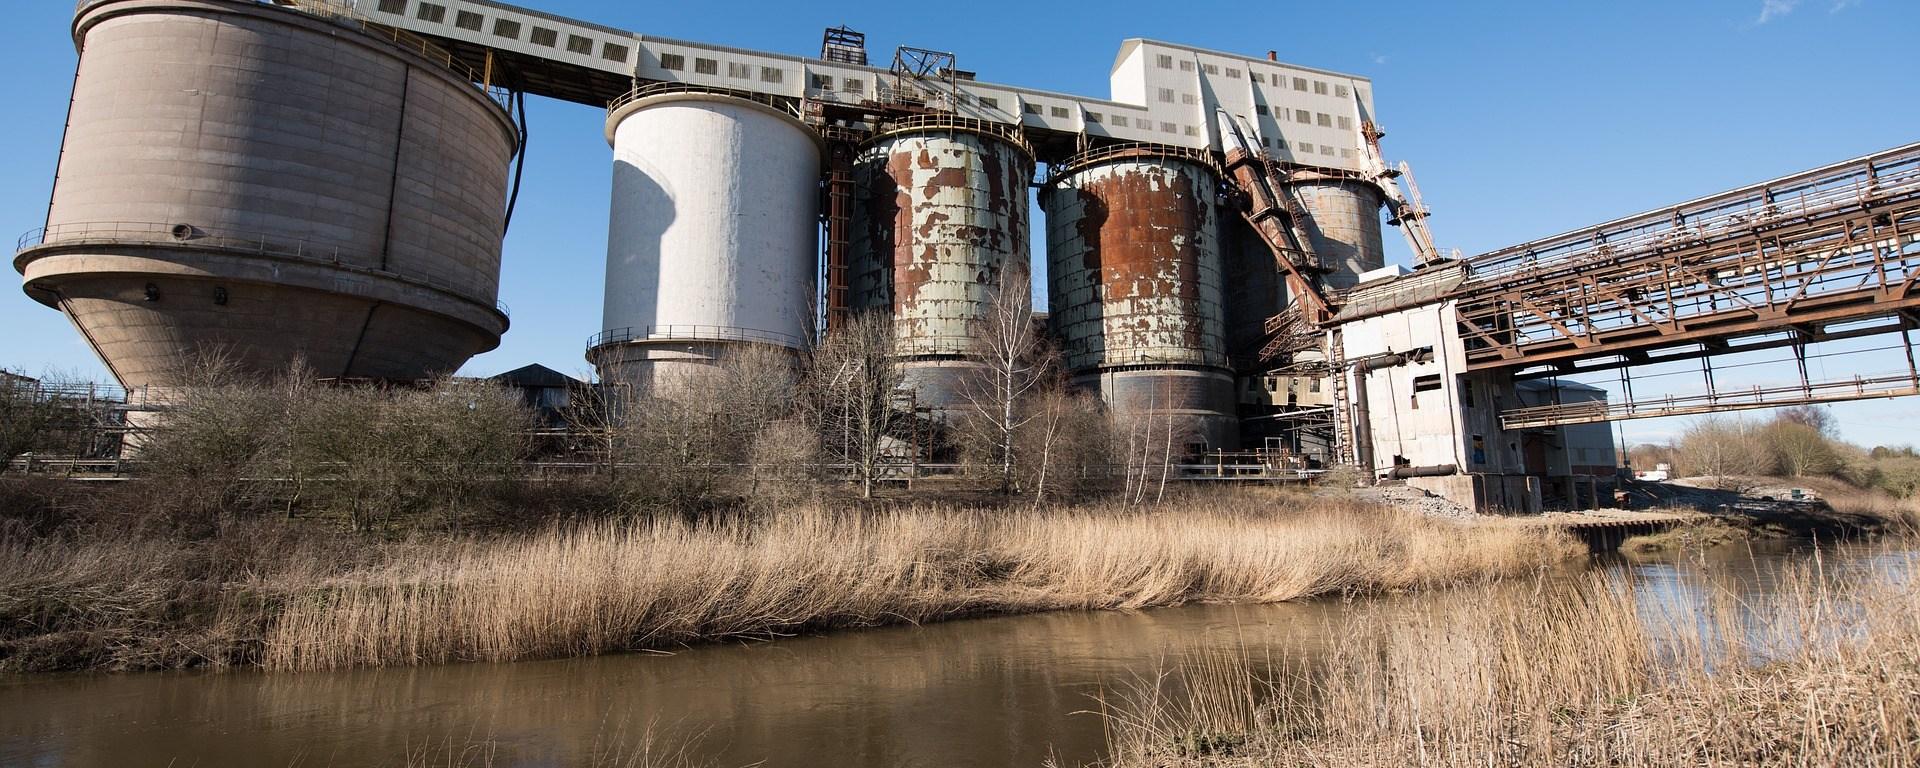 Estações de tratamento de água na indústria química: para que servem?